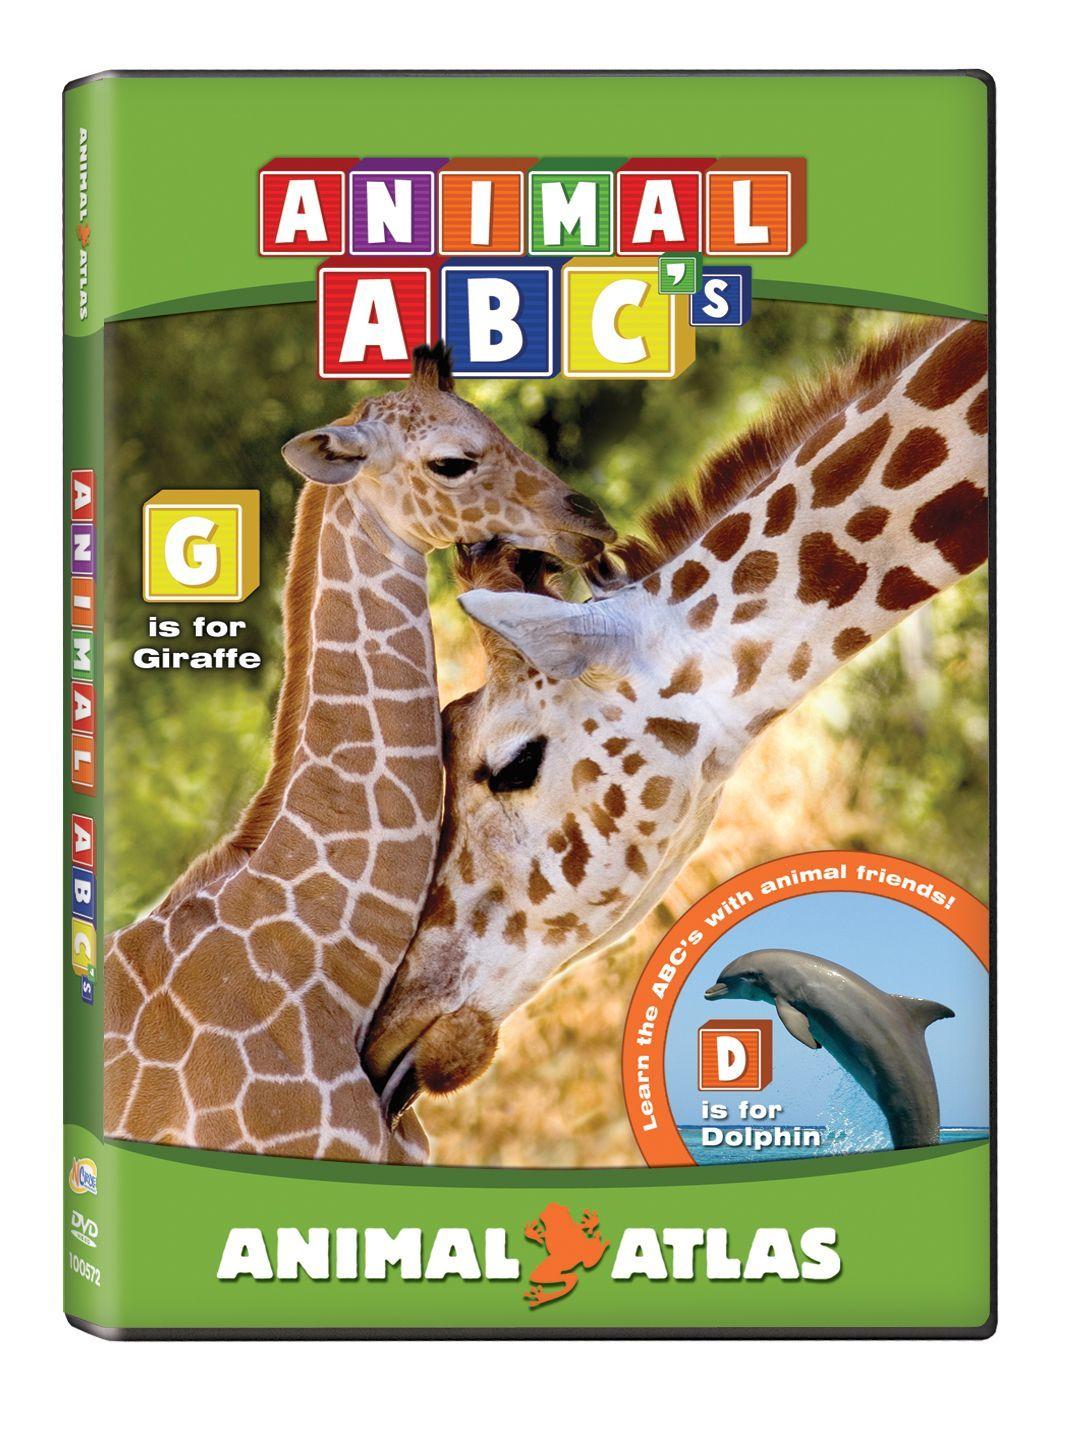 Animal Atlas: ABC's